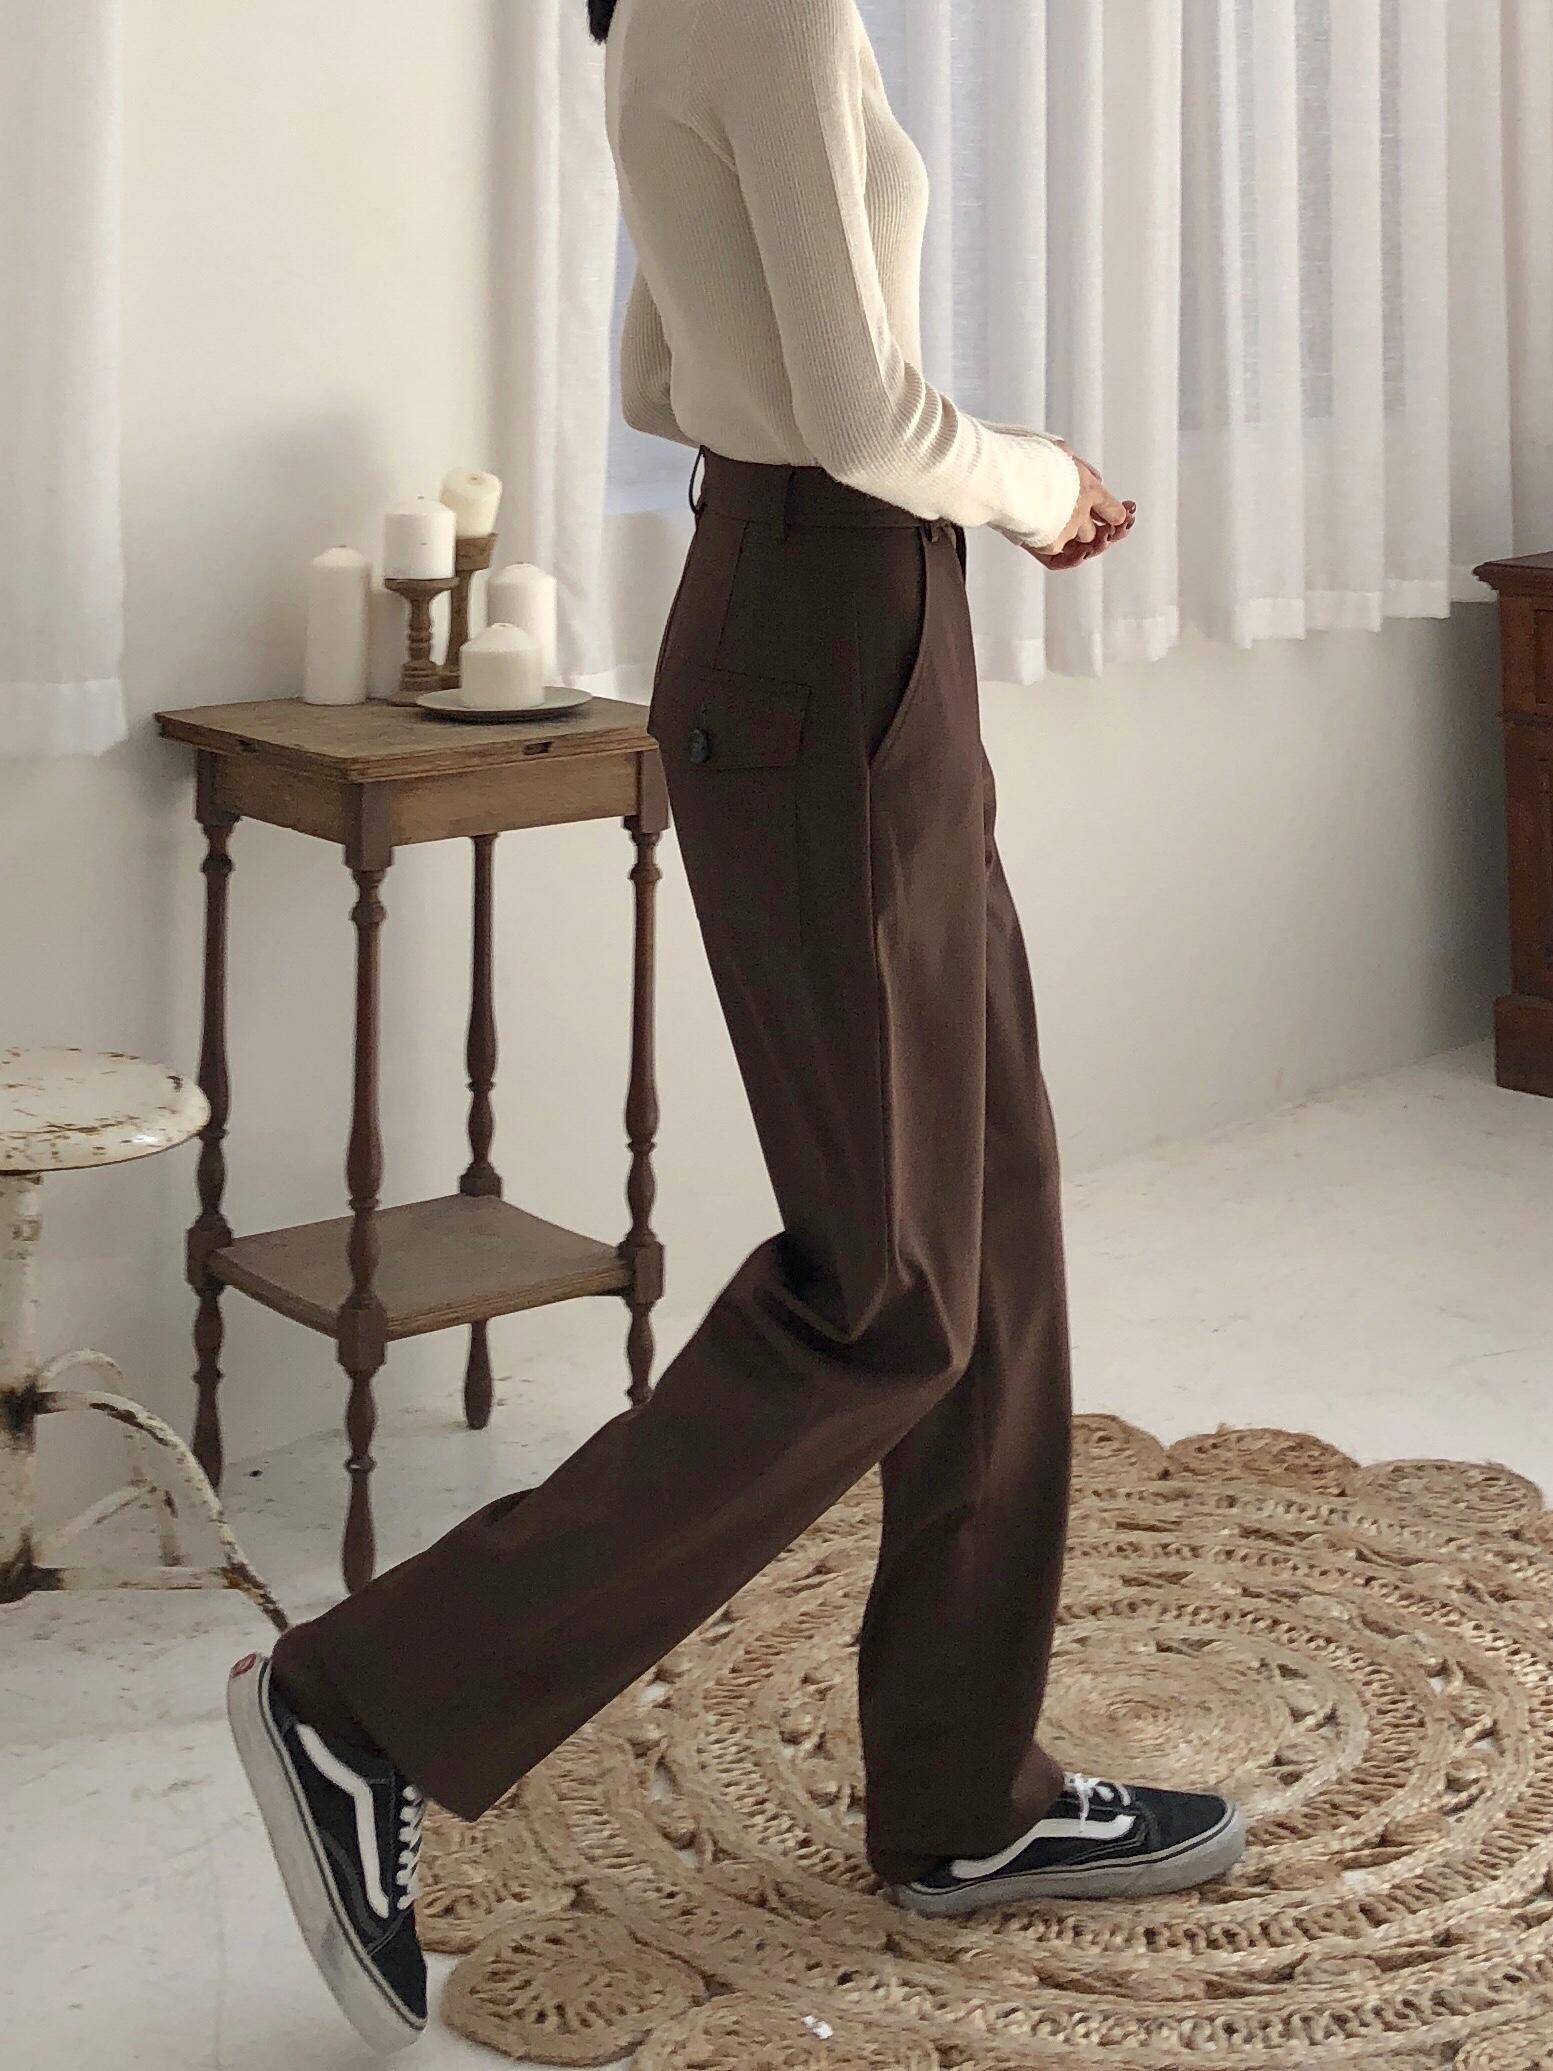 Imzoey chao显高修腿型立体 定制双色 中高腰西裤显瘦休闲长裤